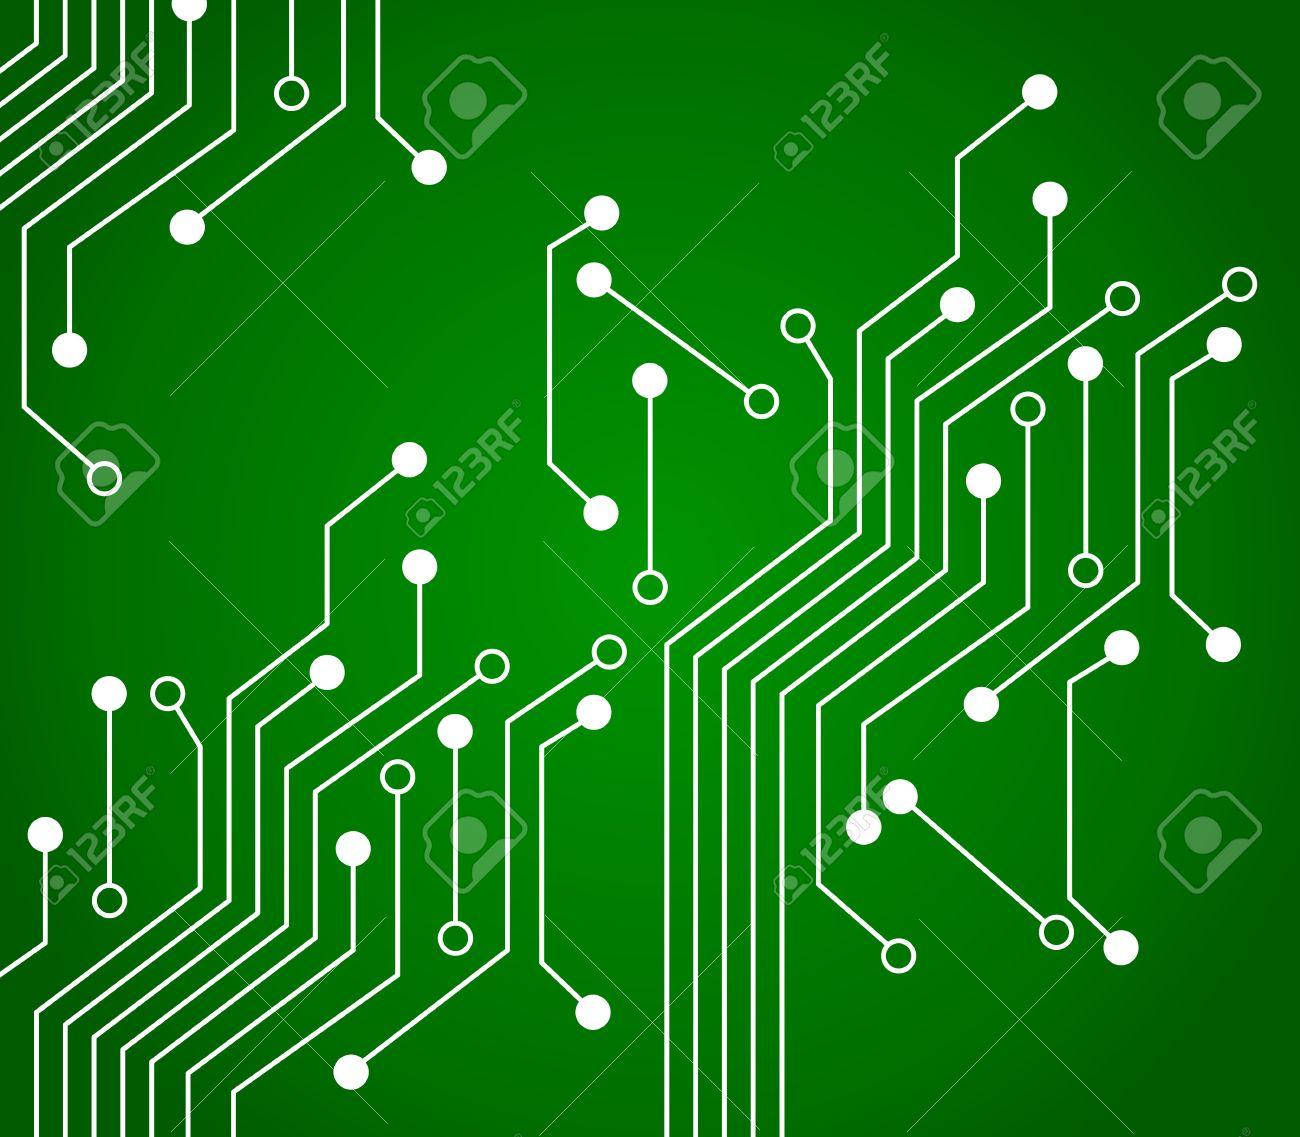 Circuito Electronico : Tecnología de fondo con el circuito electrónico es la moderna